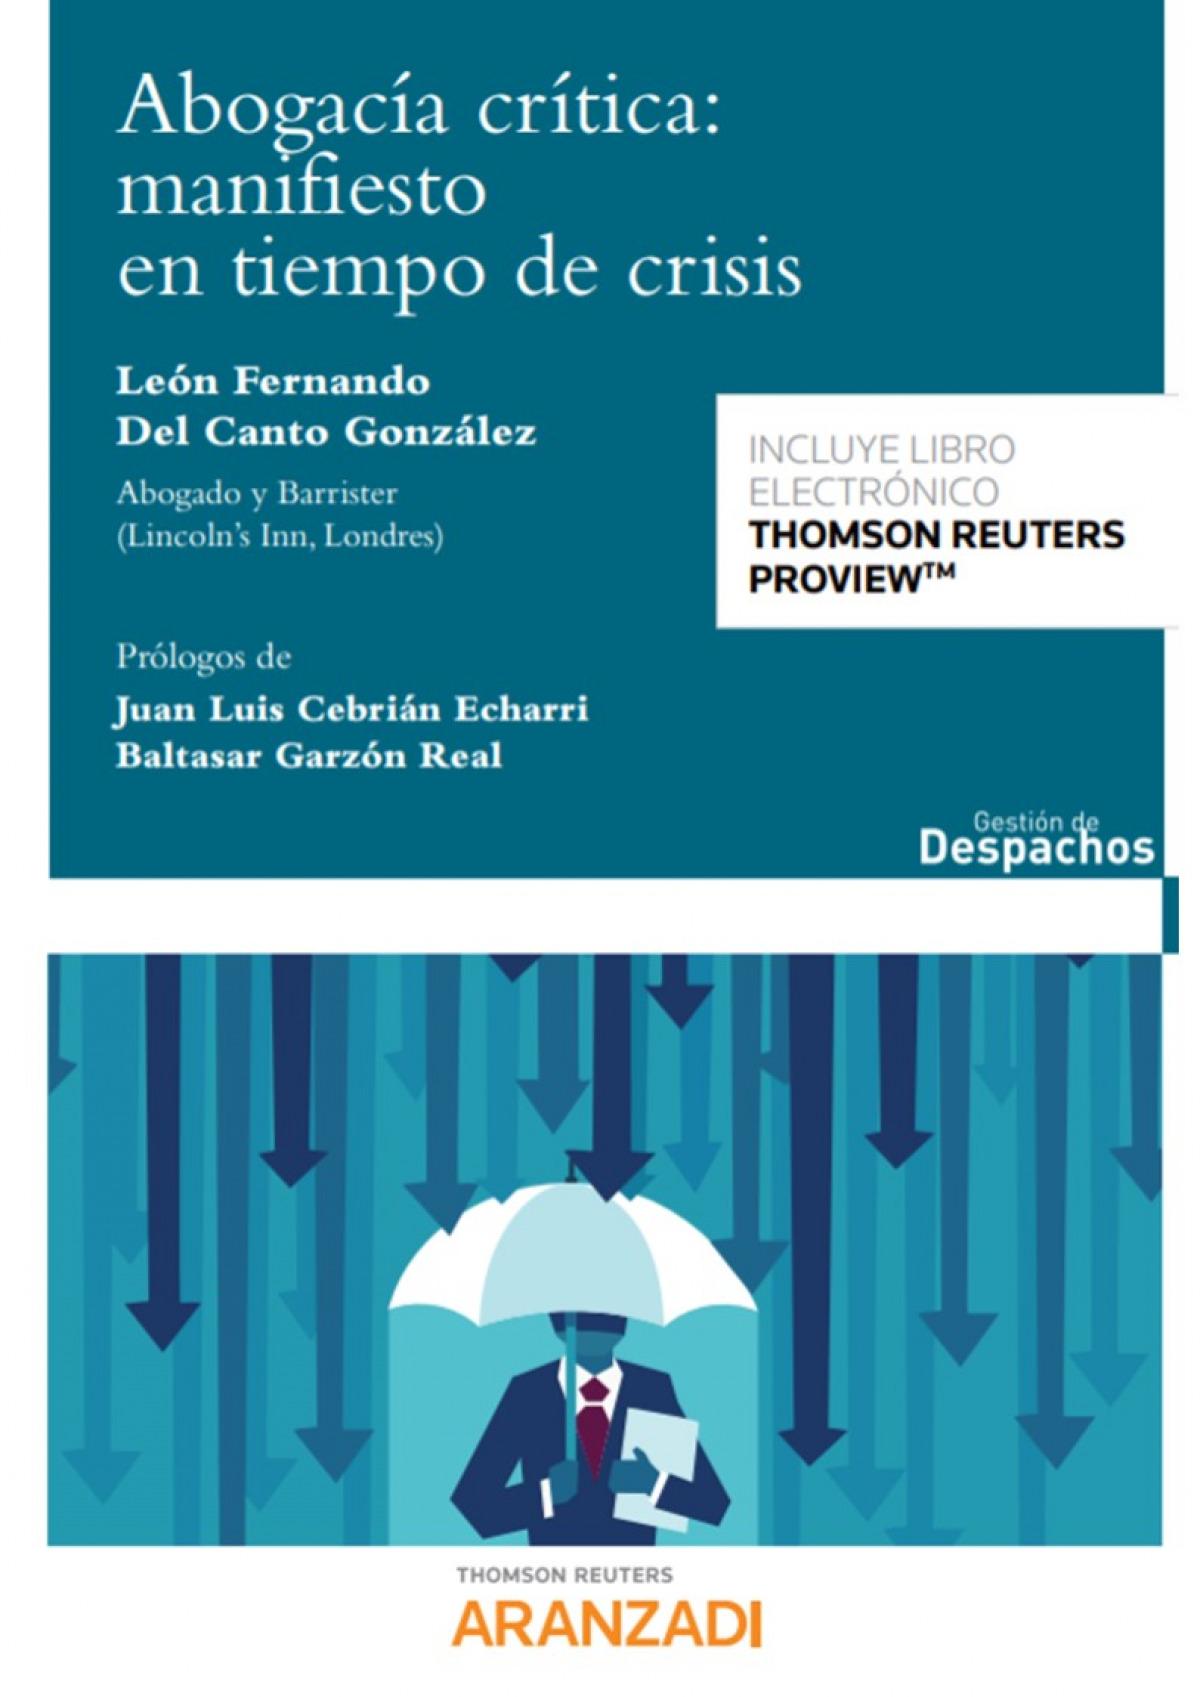 Abogacía Crítica: manifiesto en tiempo de crisis (Papel + e-book)